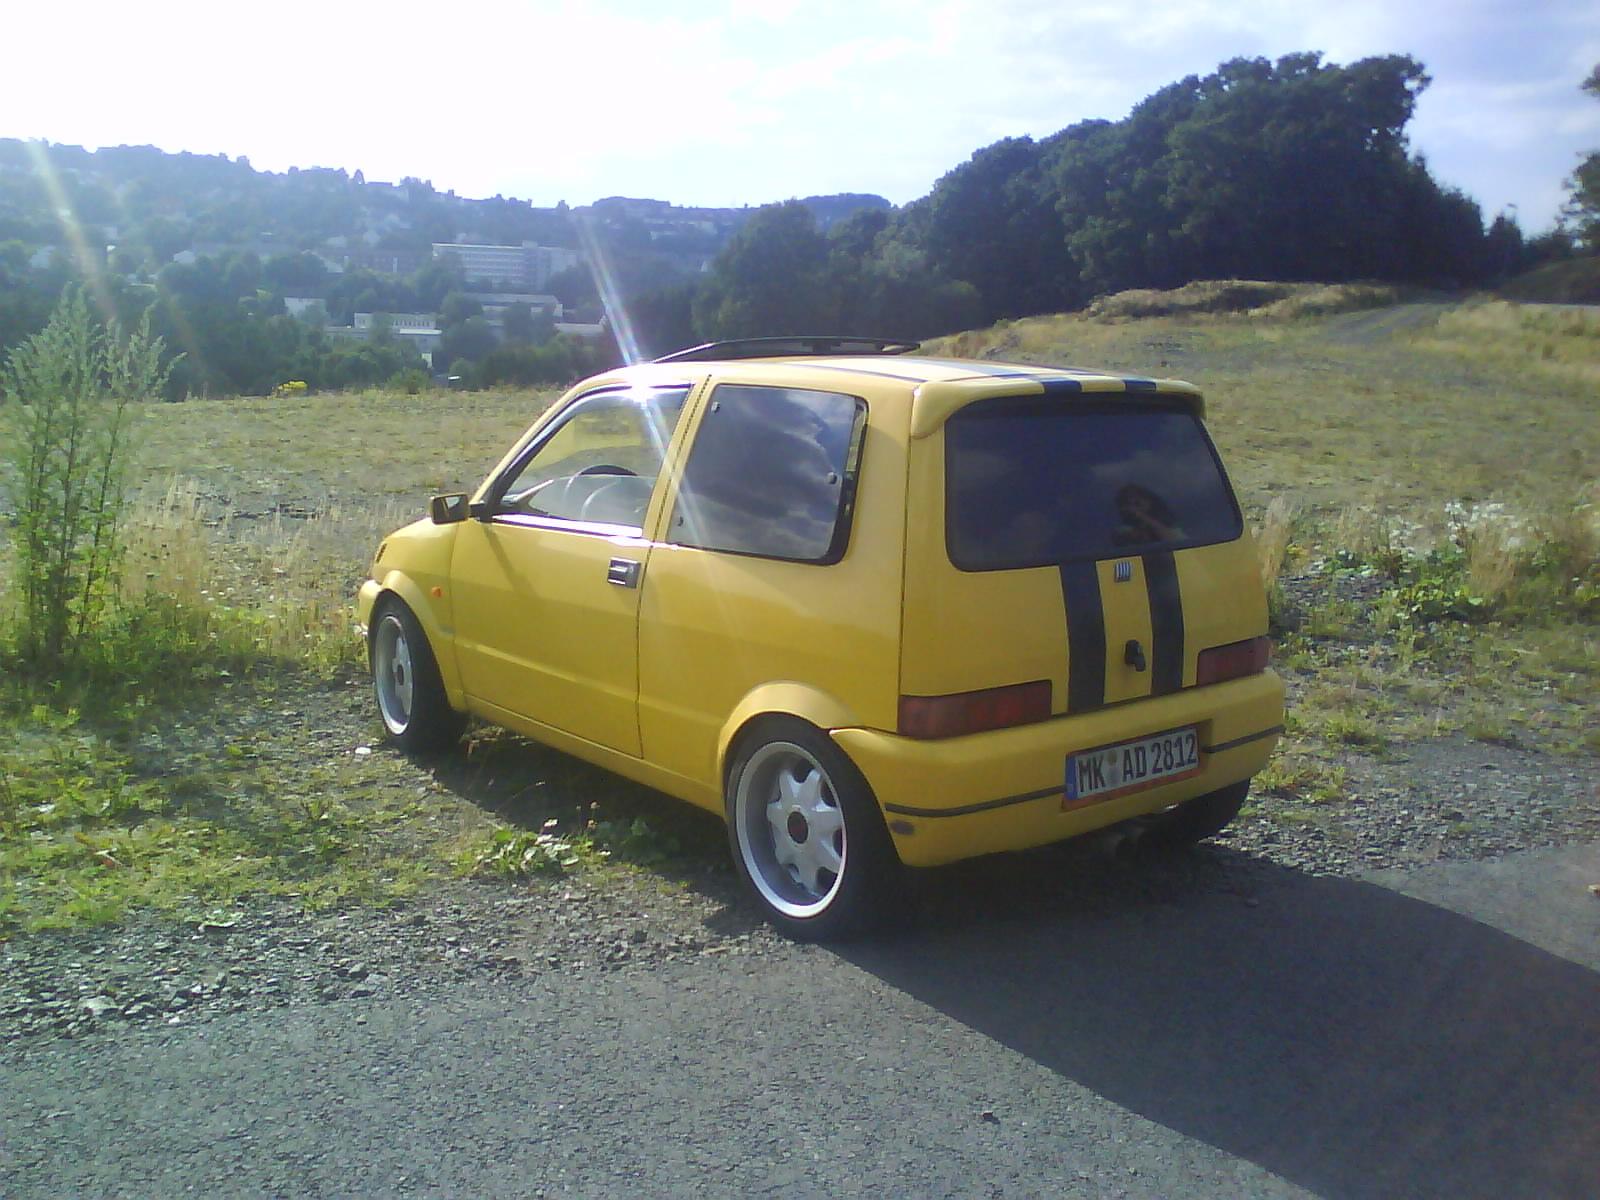 Auto Fiat Cinquecento sporting pagenstecher de Deine Automeile im